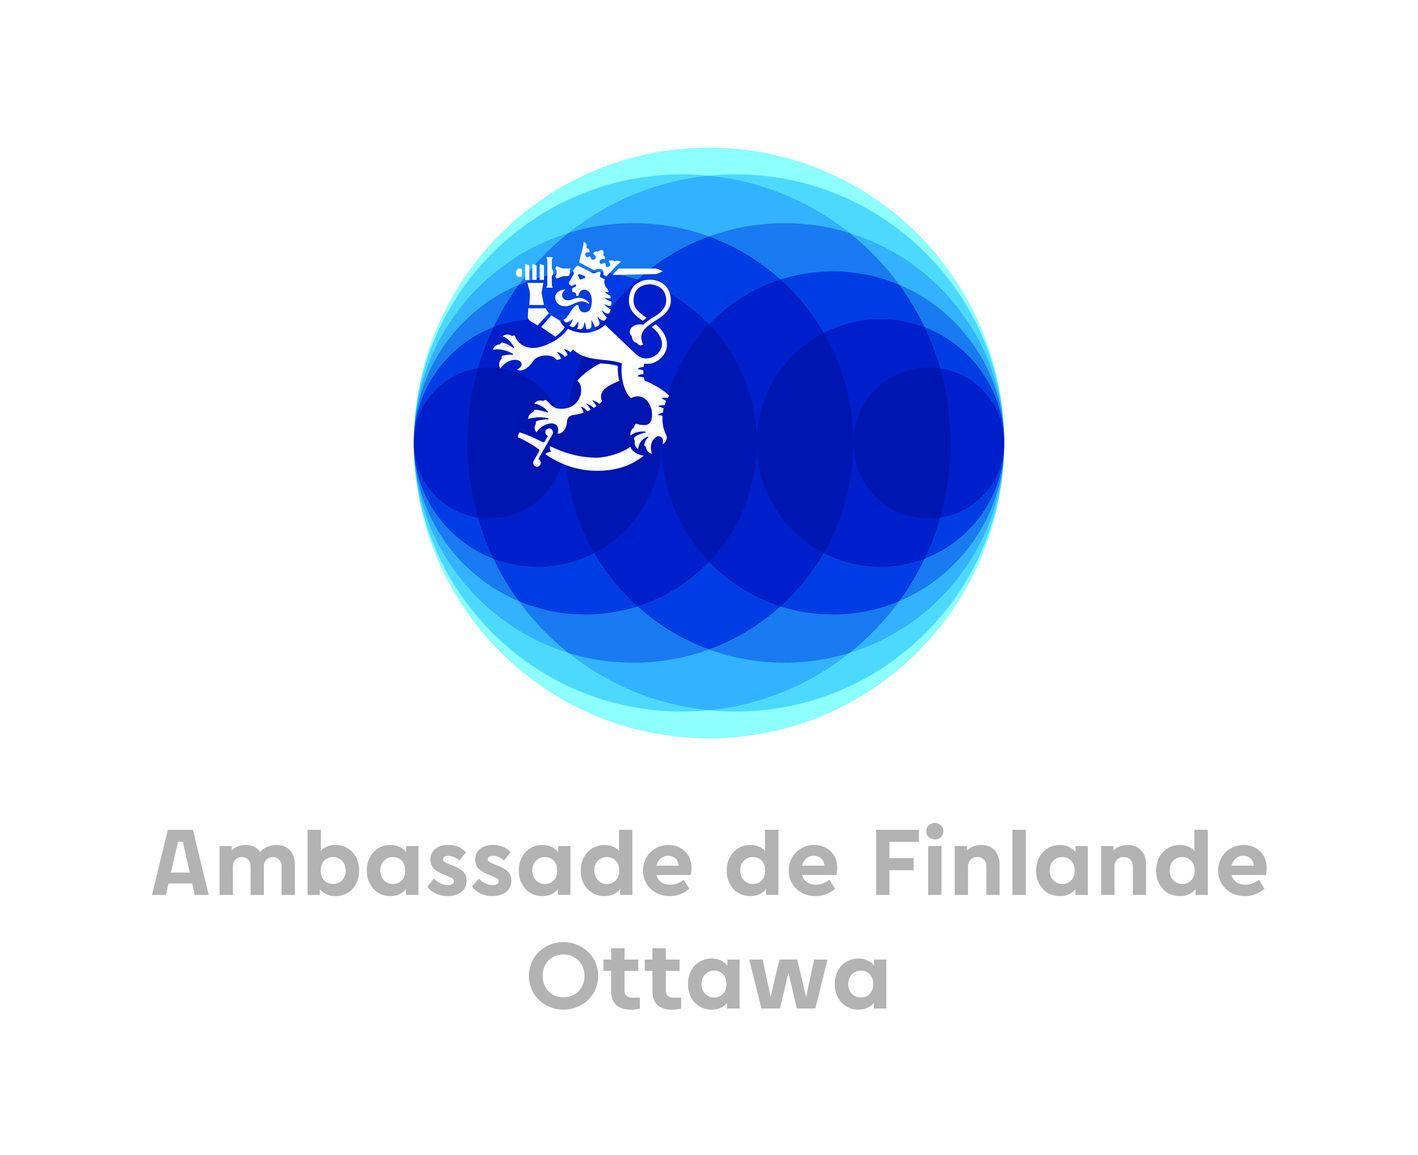 Ambassade de Finlande à Ottawa